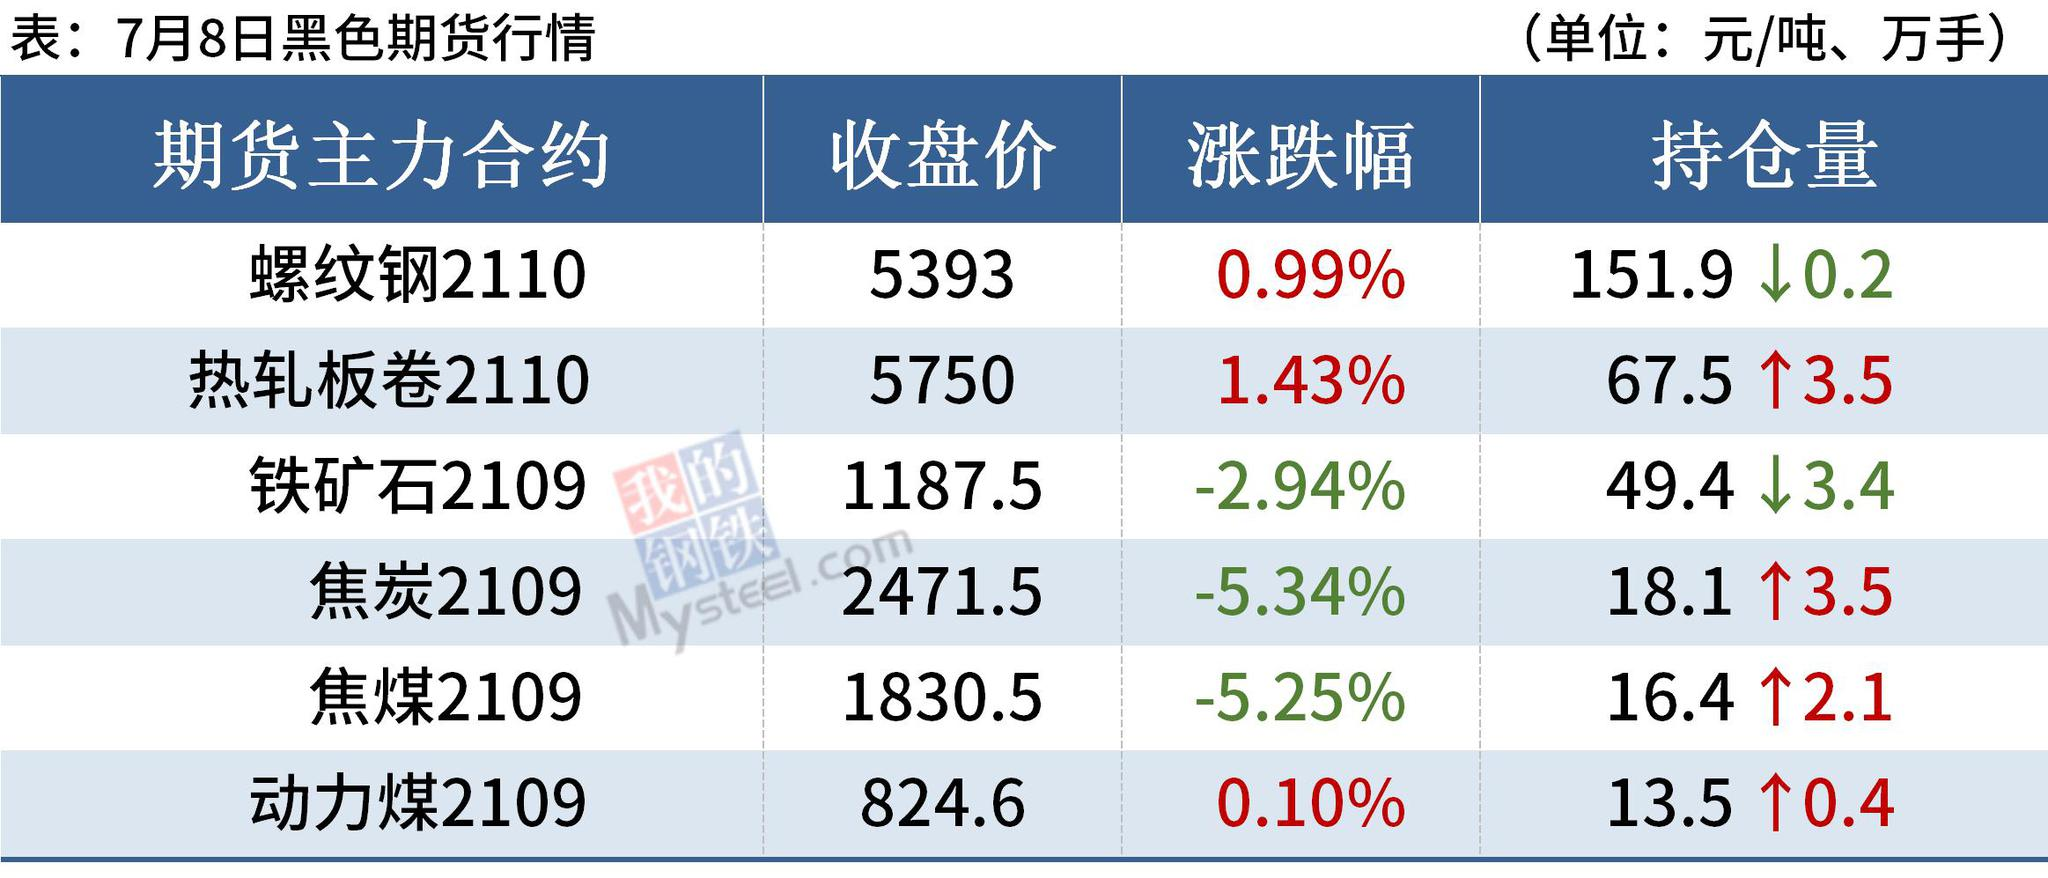 钢厂库存下降,螺纹均价涨近5100,后期涨势放缓